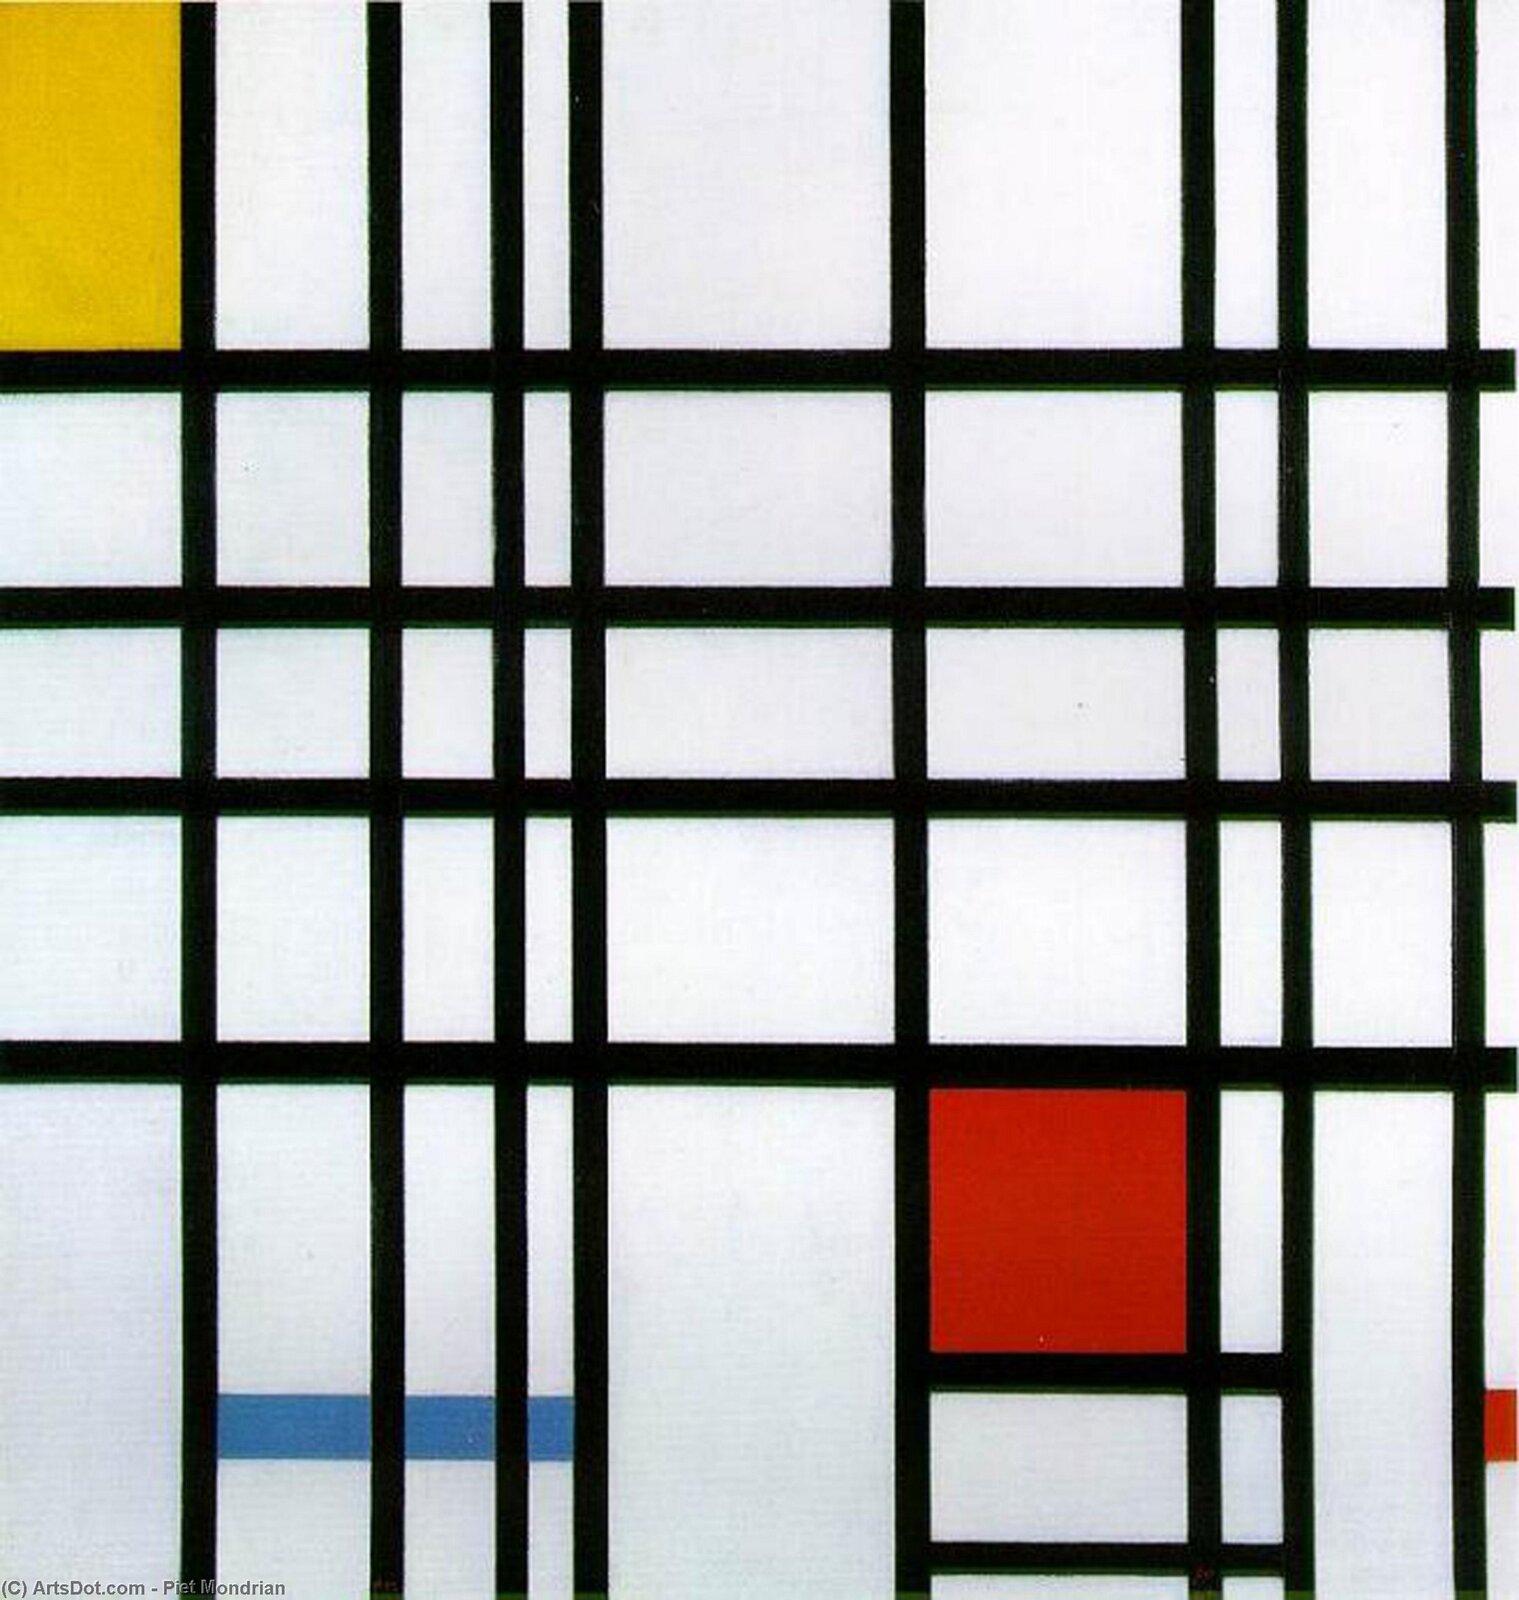 """Ilustracja przedstawia obraz Pieta Mondriana pt. """"Kompozycja zczerwonym, żółtym iniebieskim"""". Ukazuje on czarne pionowe ipoziome linie tworzące kolorowe prostokąty."""